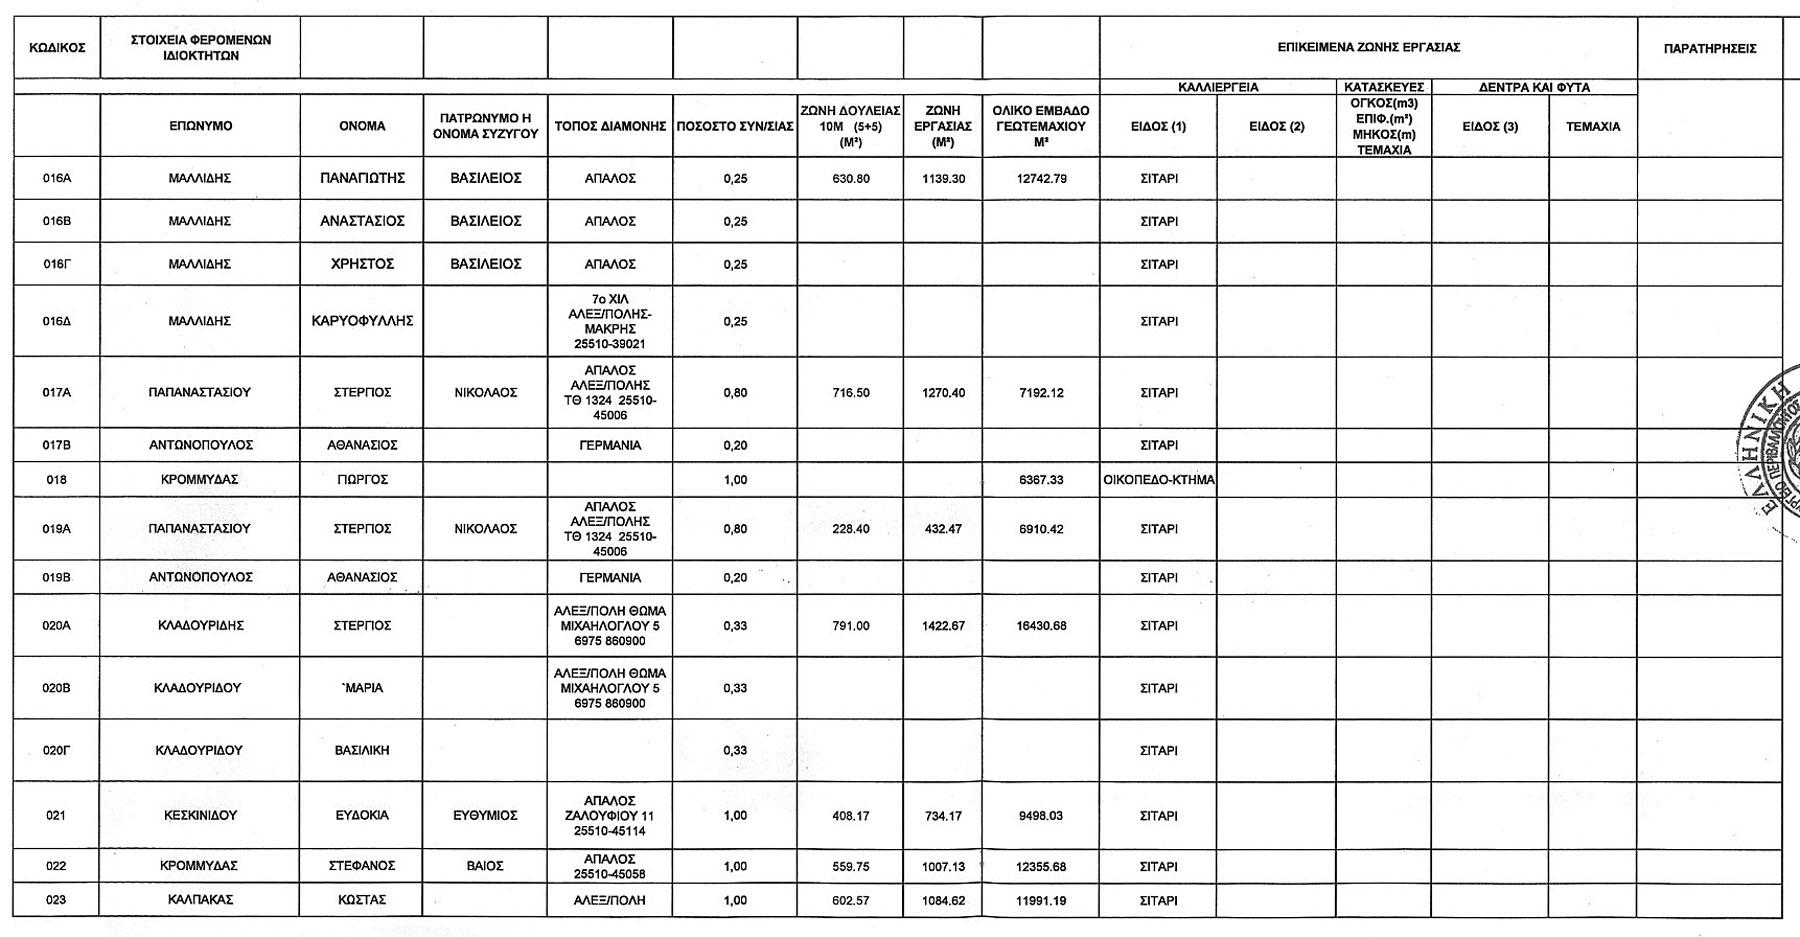 Κτηματολογικός Πίνακας Θιγόμενων Ιδιοκτησιών από χερσαίο τμήμα ΑΣΦΑ Αλεξανδρούπολης Σελ.2 (ΦΕΚ Β' 3528/30.12.2014)